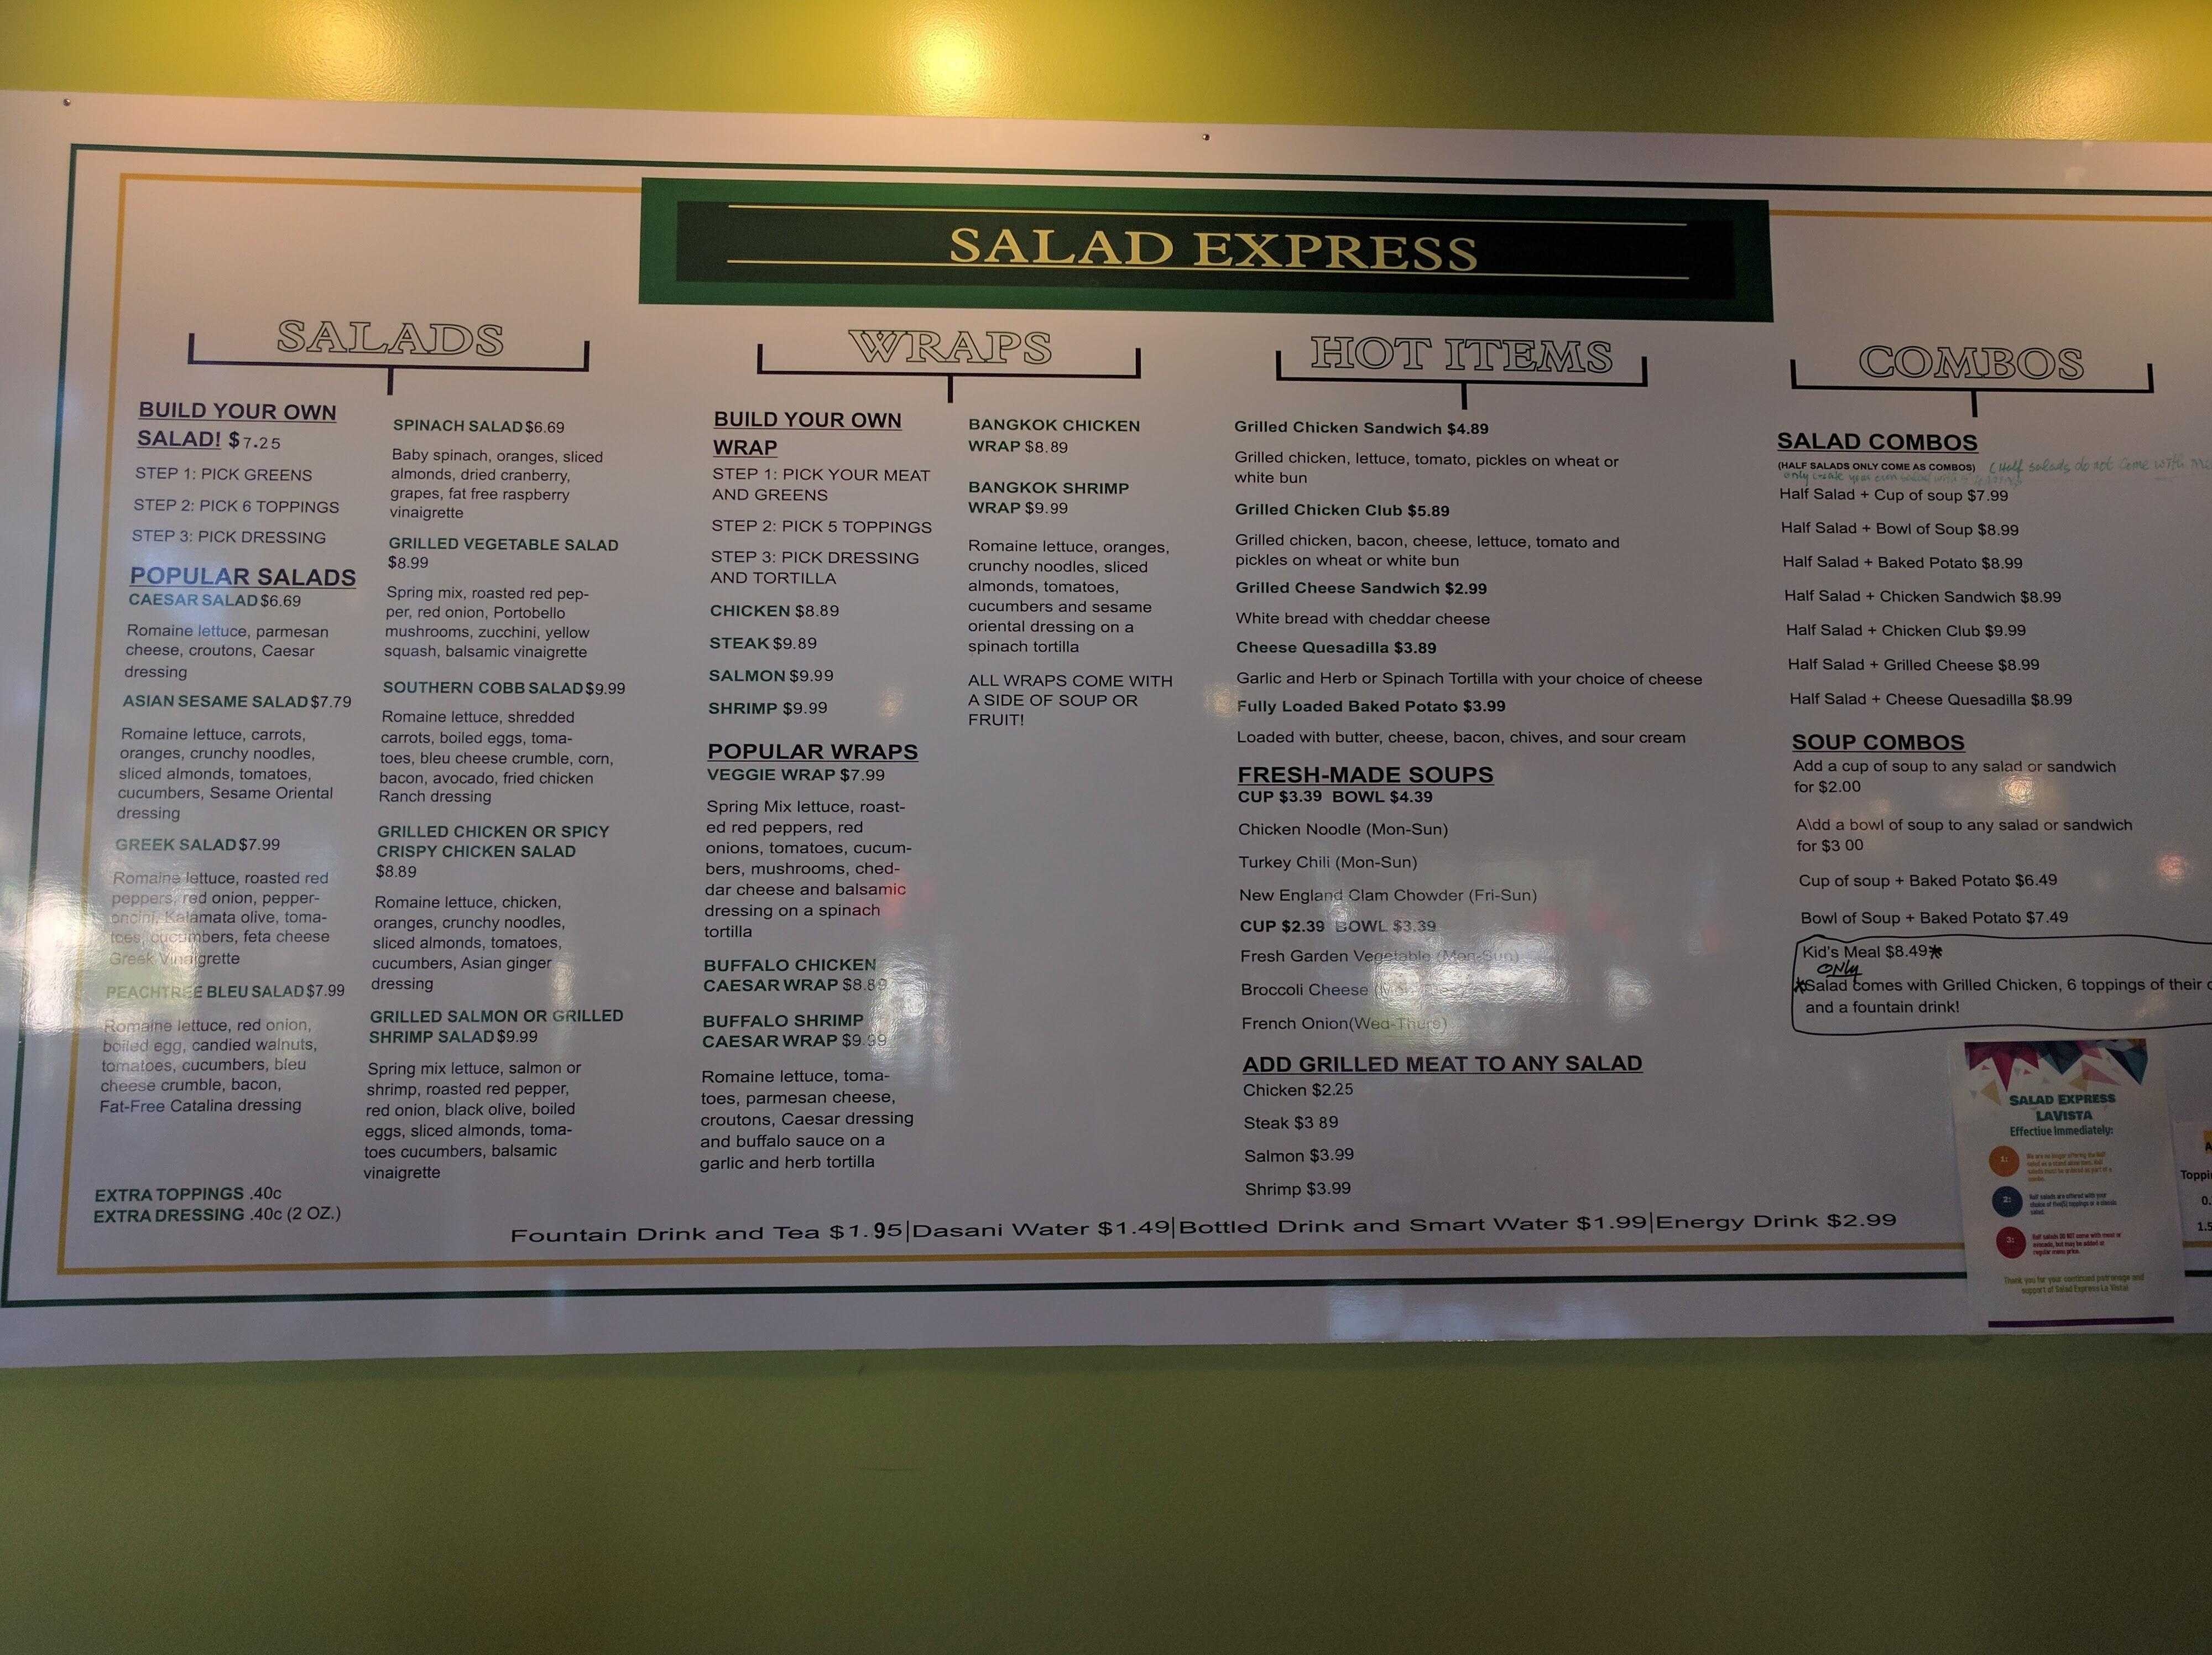 Salad Express menu board